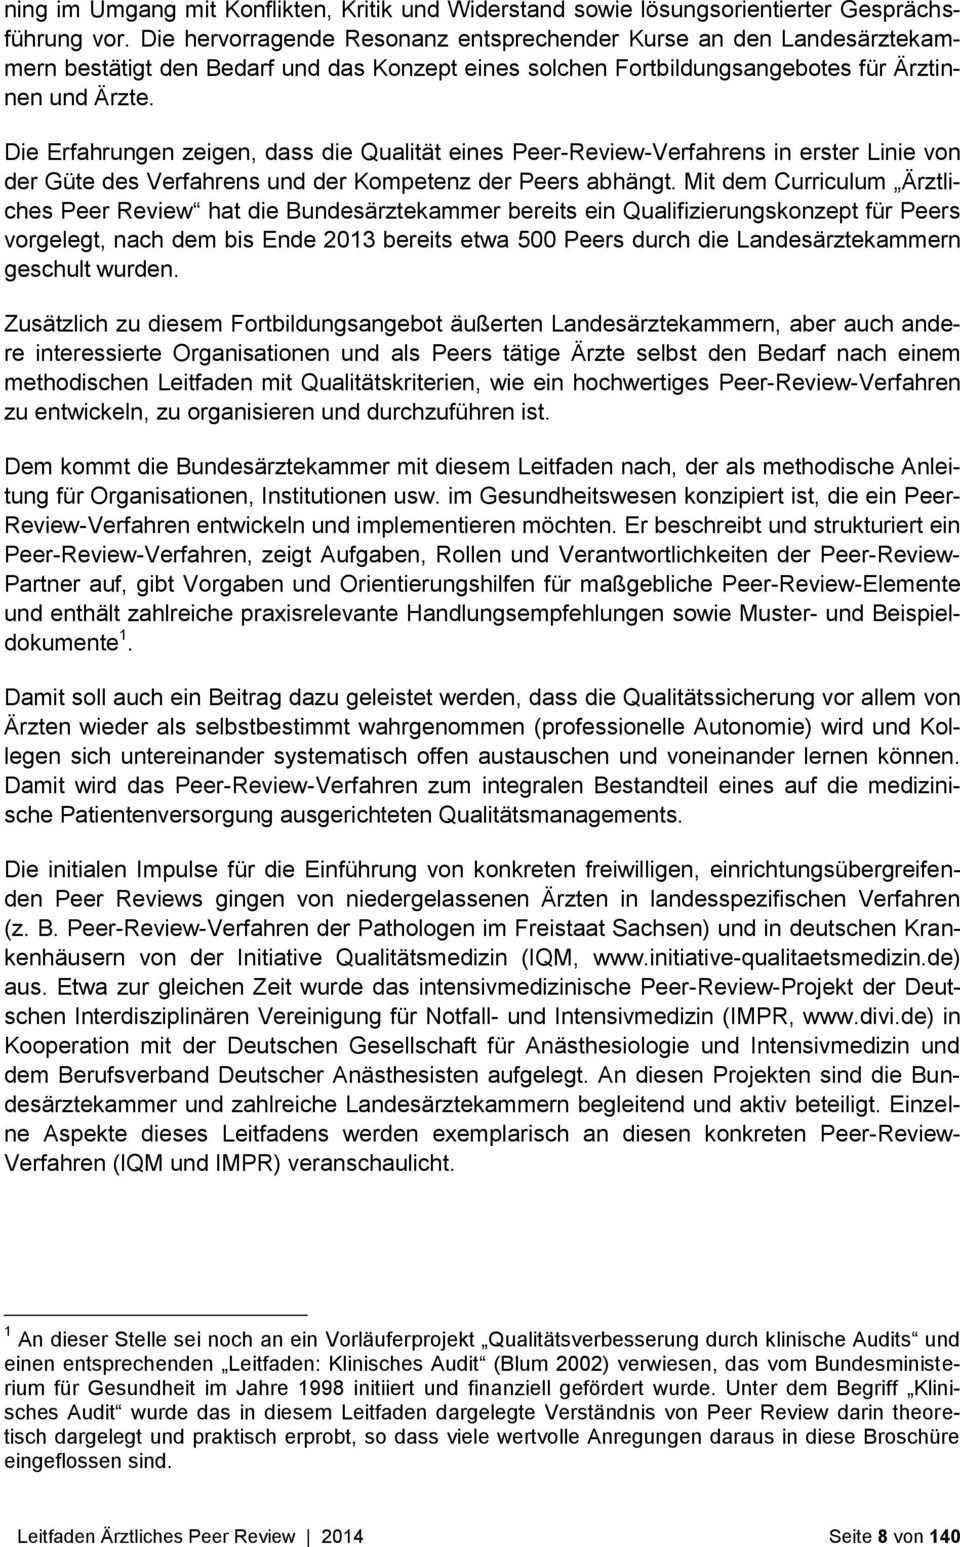 Bundesarztekammer Leitfaden Arztliches Peer Review Herausgeber Bundesarztekammer Pdf Free Download